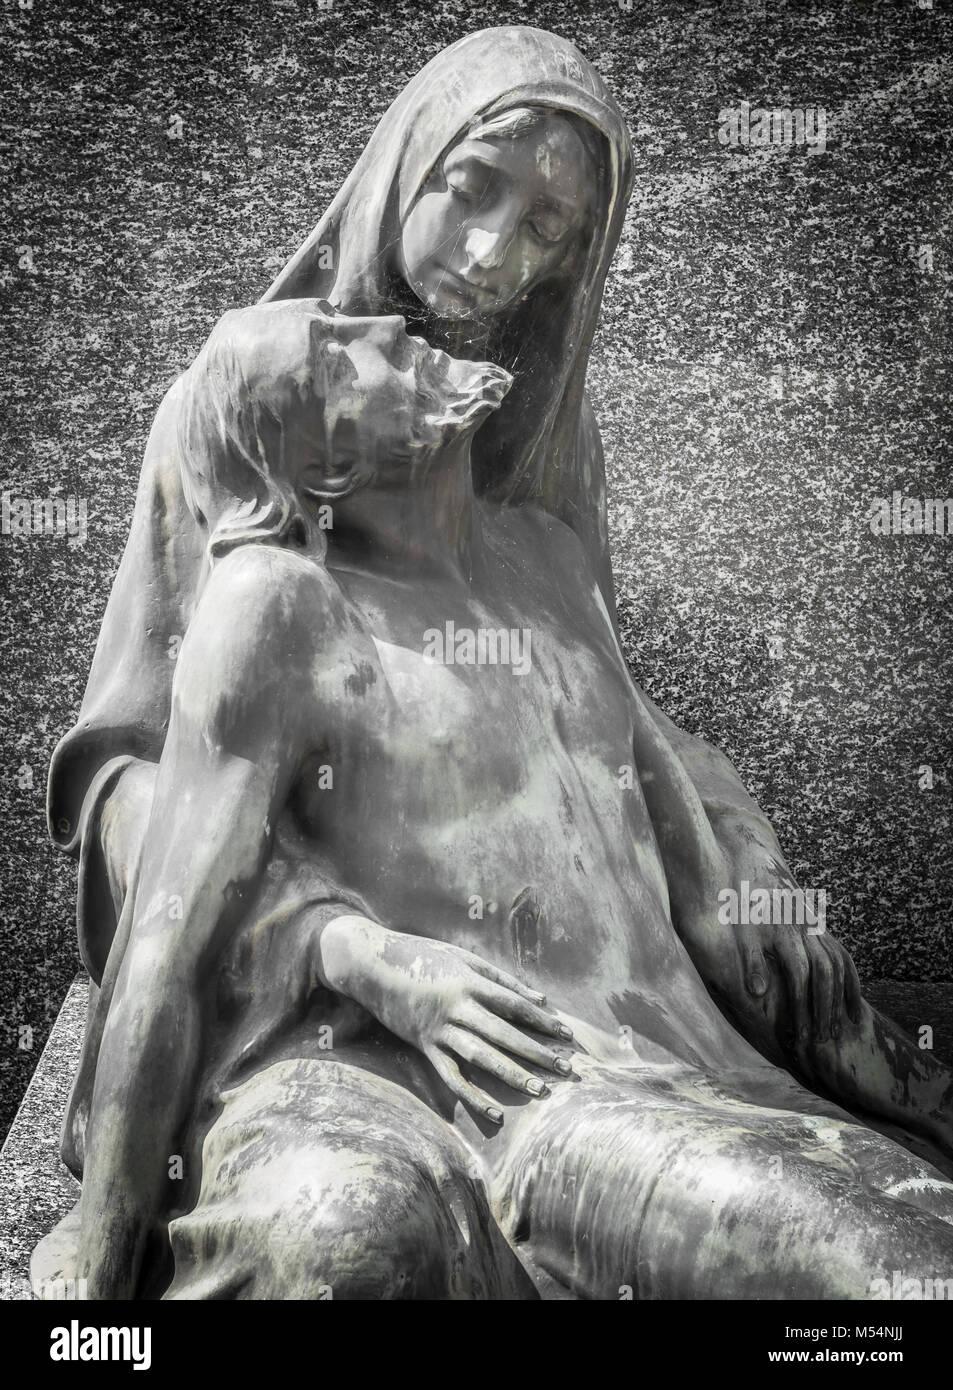 Estatua de mármol que representa la compasión de Cristo Imagen De Stock